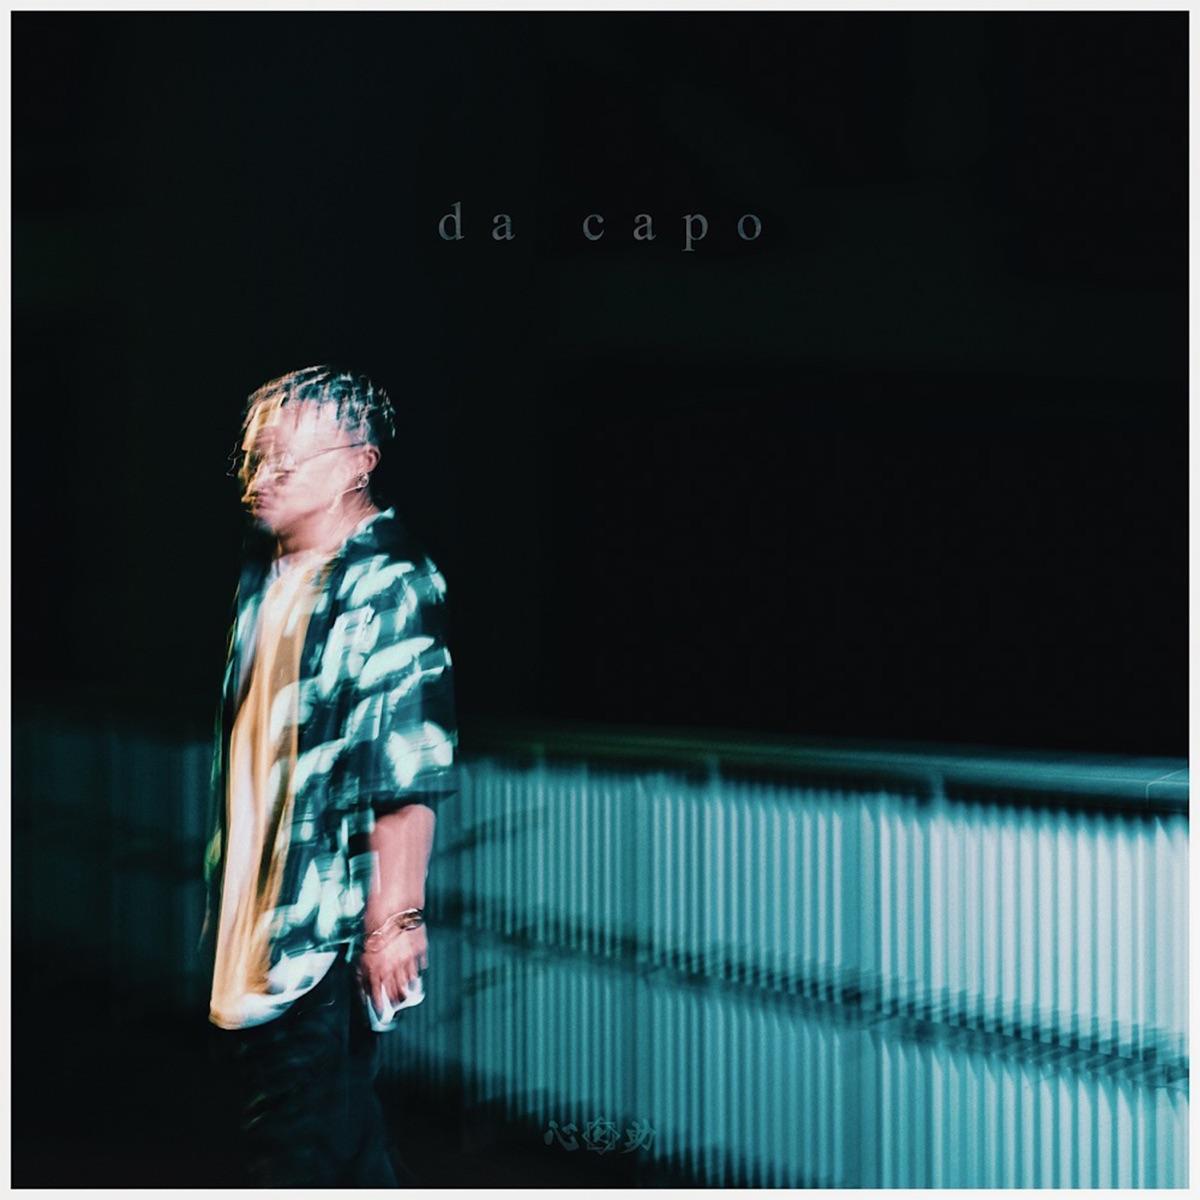 『心之助 - ゼロ』収録の『da capo』ジャケット